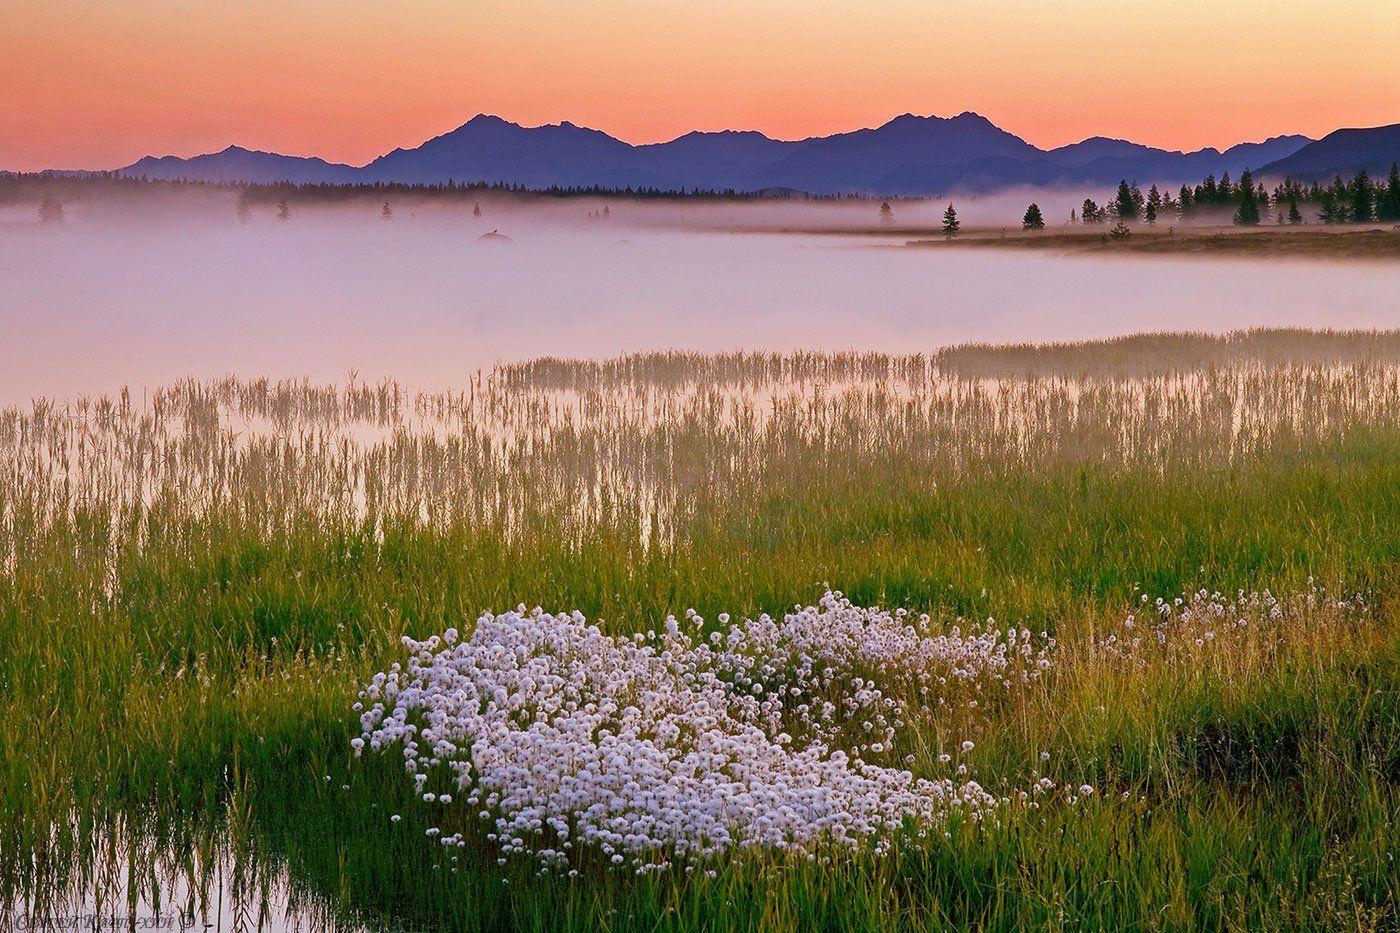 магаданская область, озеро момонтай, Сергей Карпухин